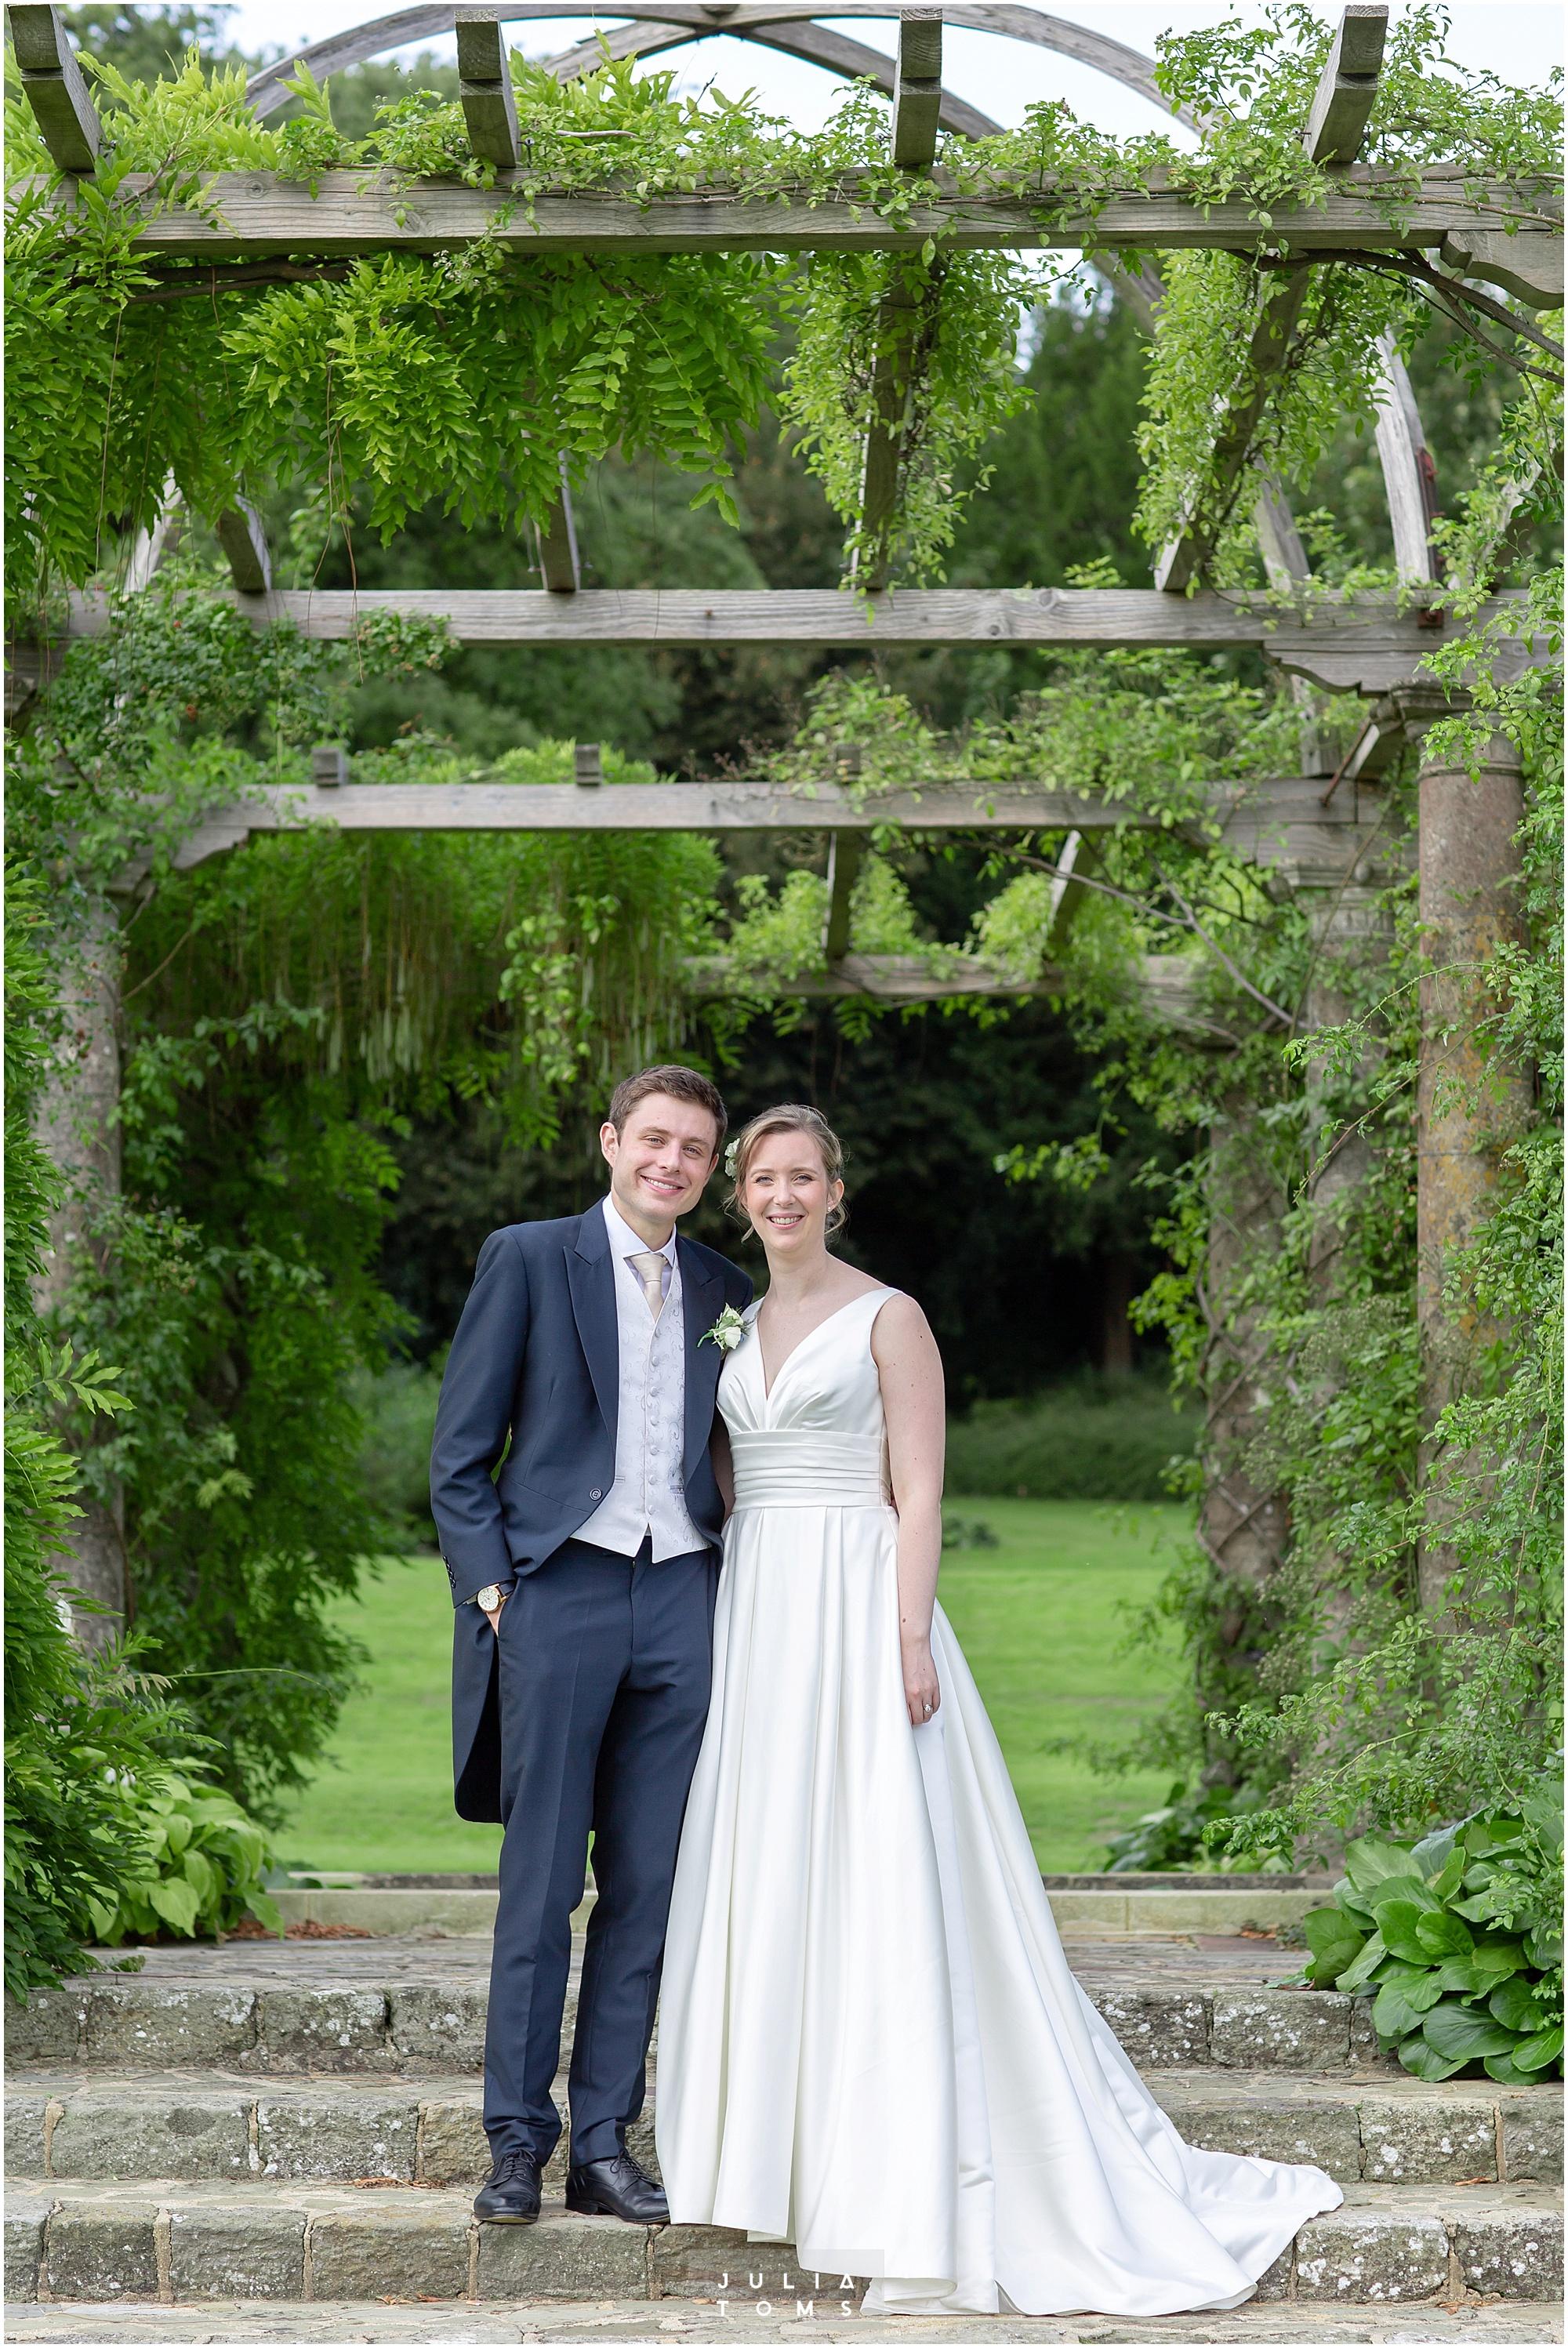 westsussex_wedding_photographer_westdean_084.jpg